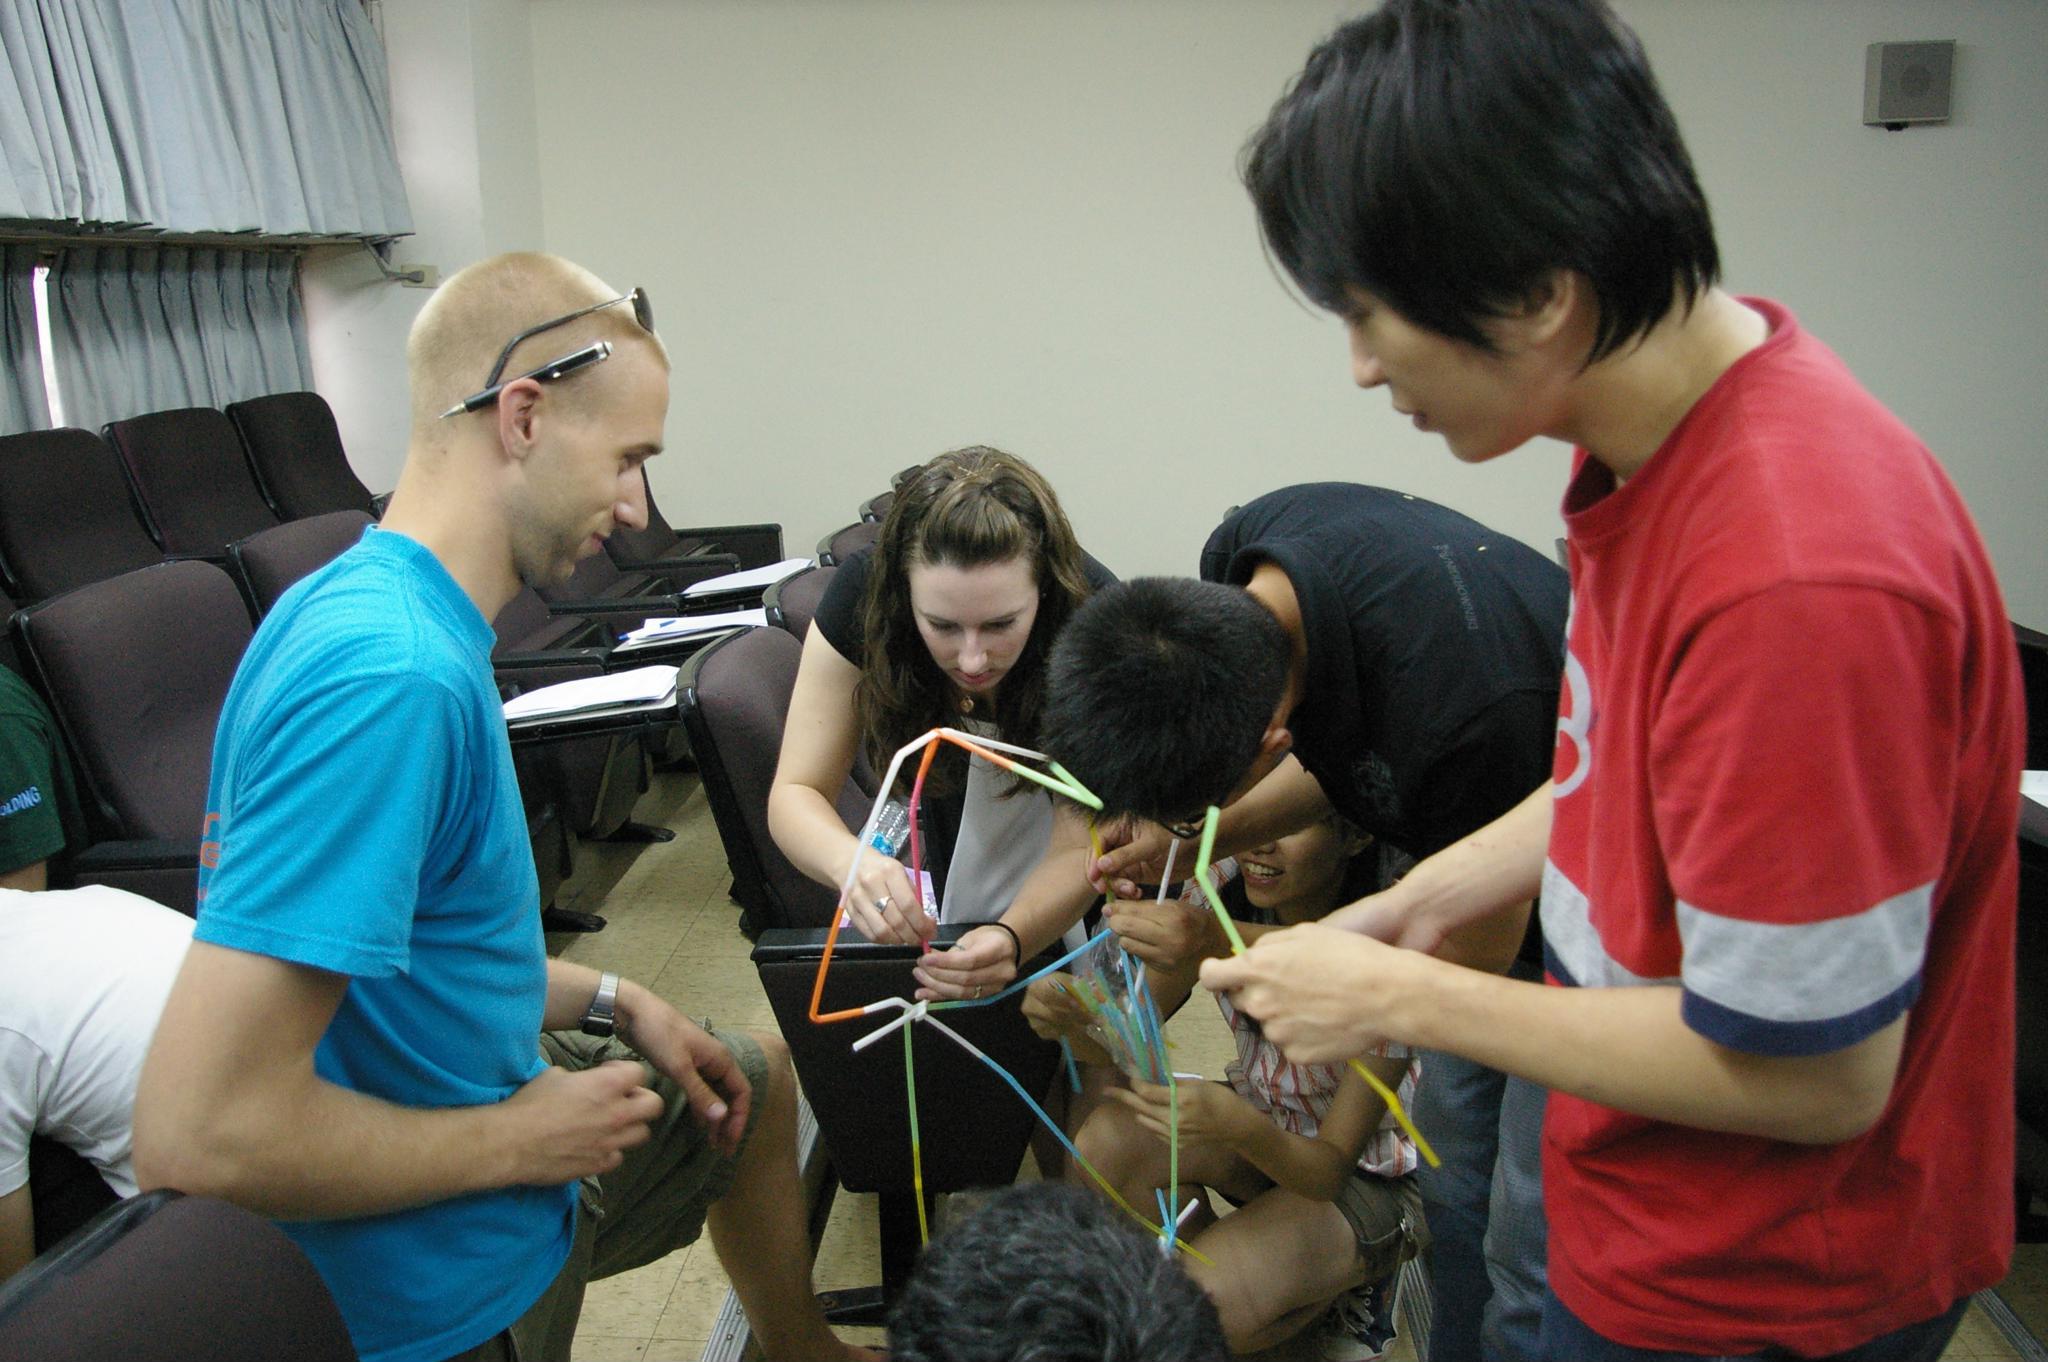 中原大學辦「產業及學術國際領袖體驗講座」 提供國際化互動交流環境